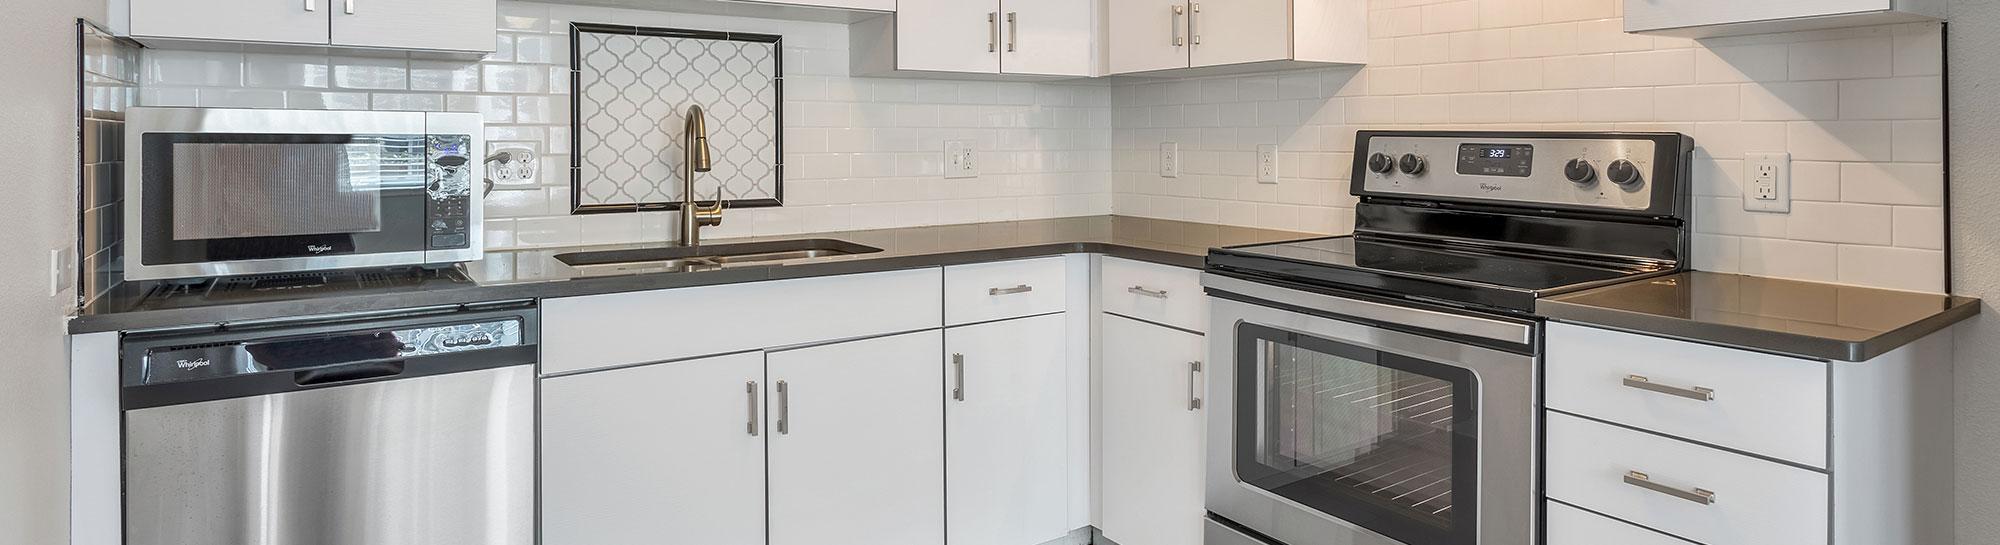 Multi-family Kitchen Remodel